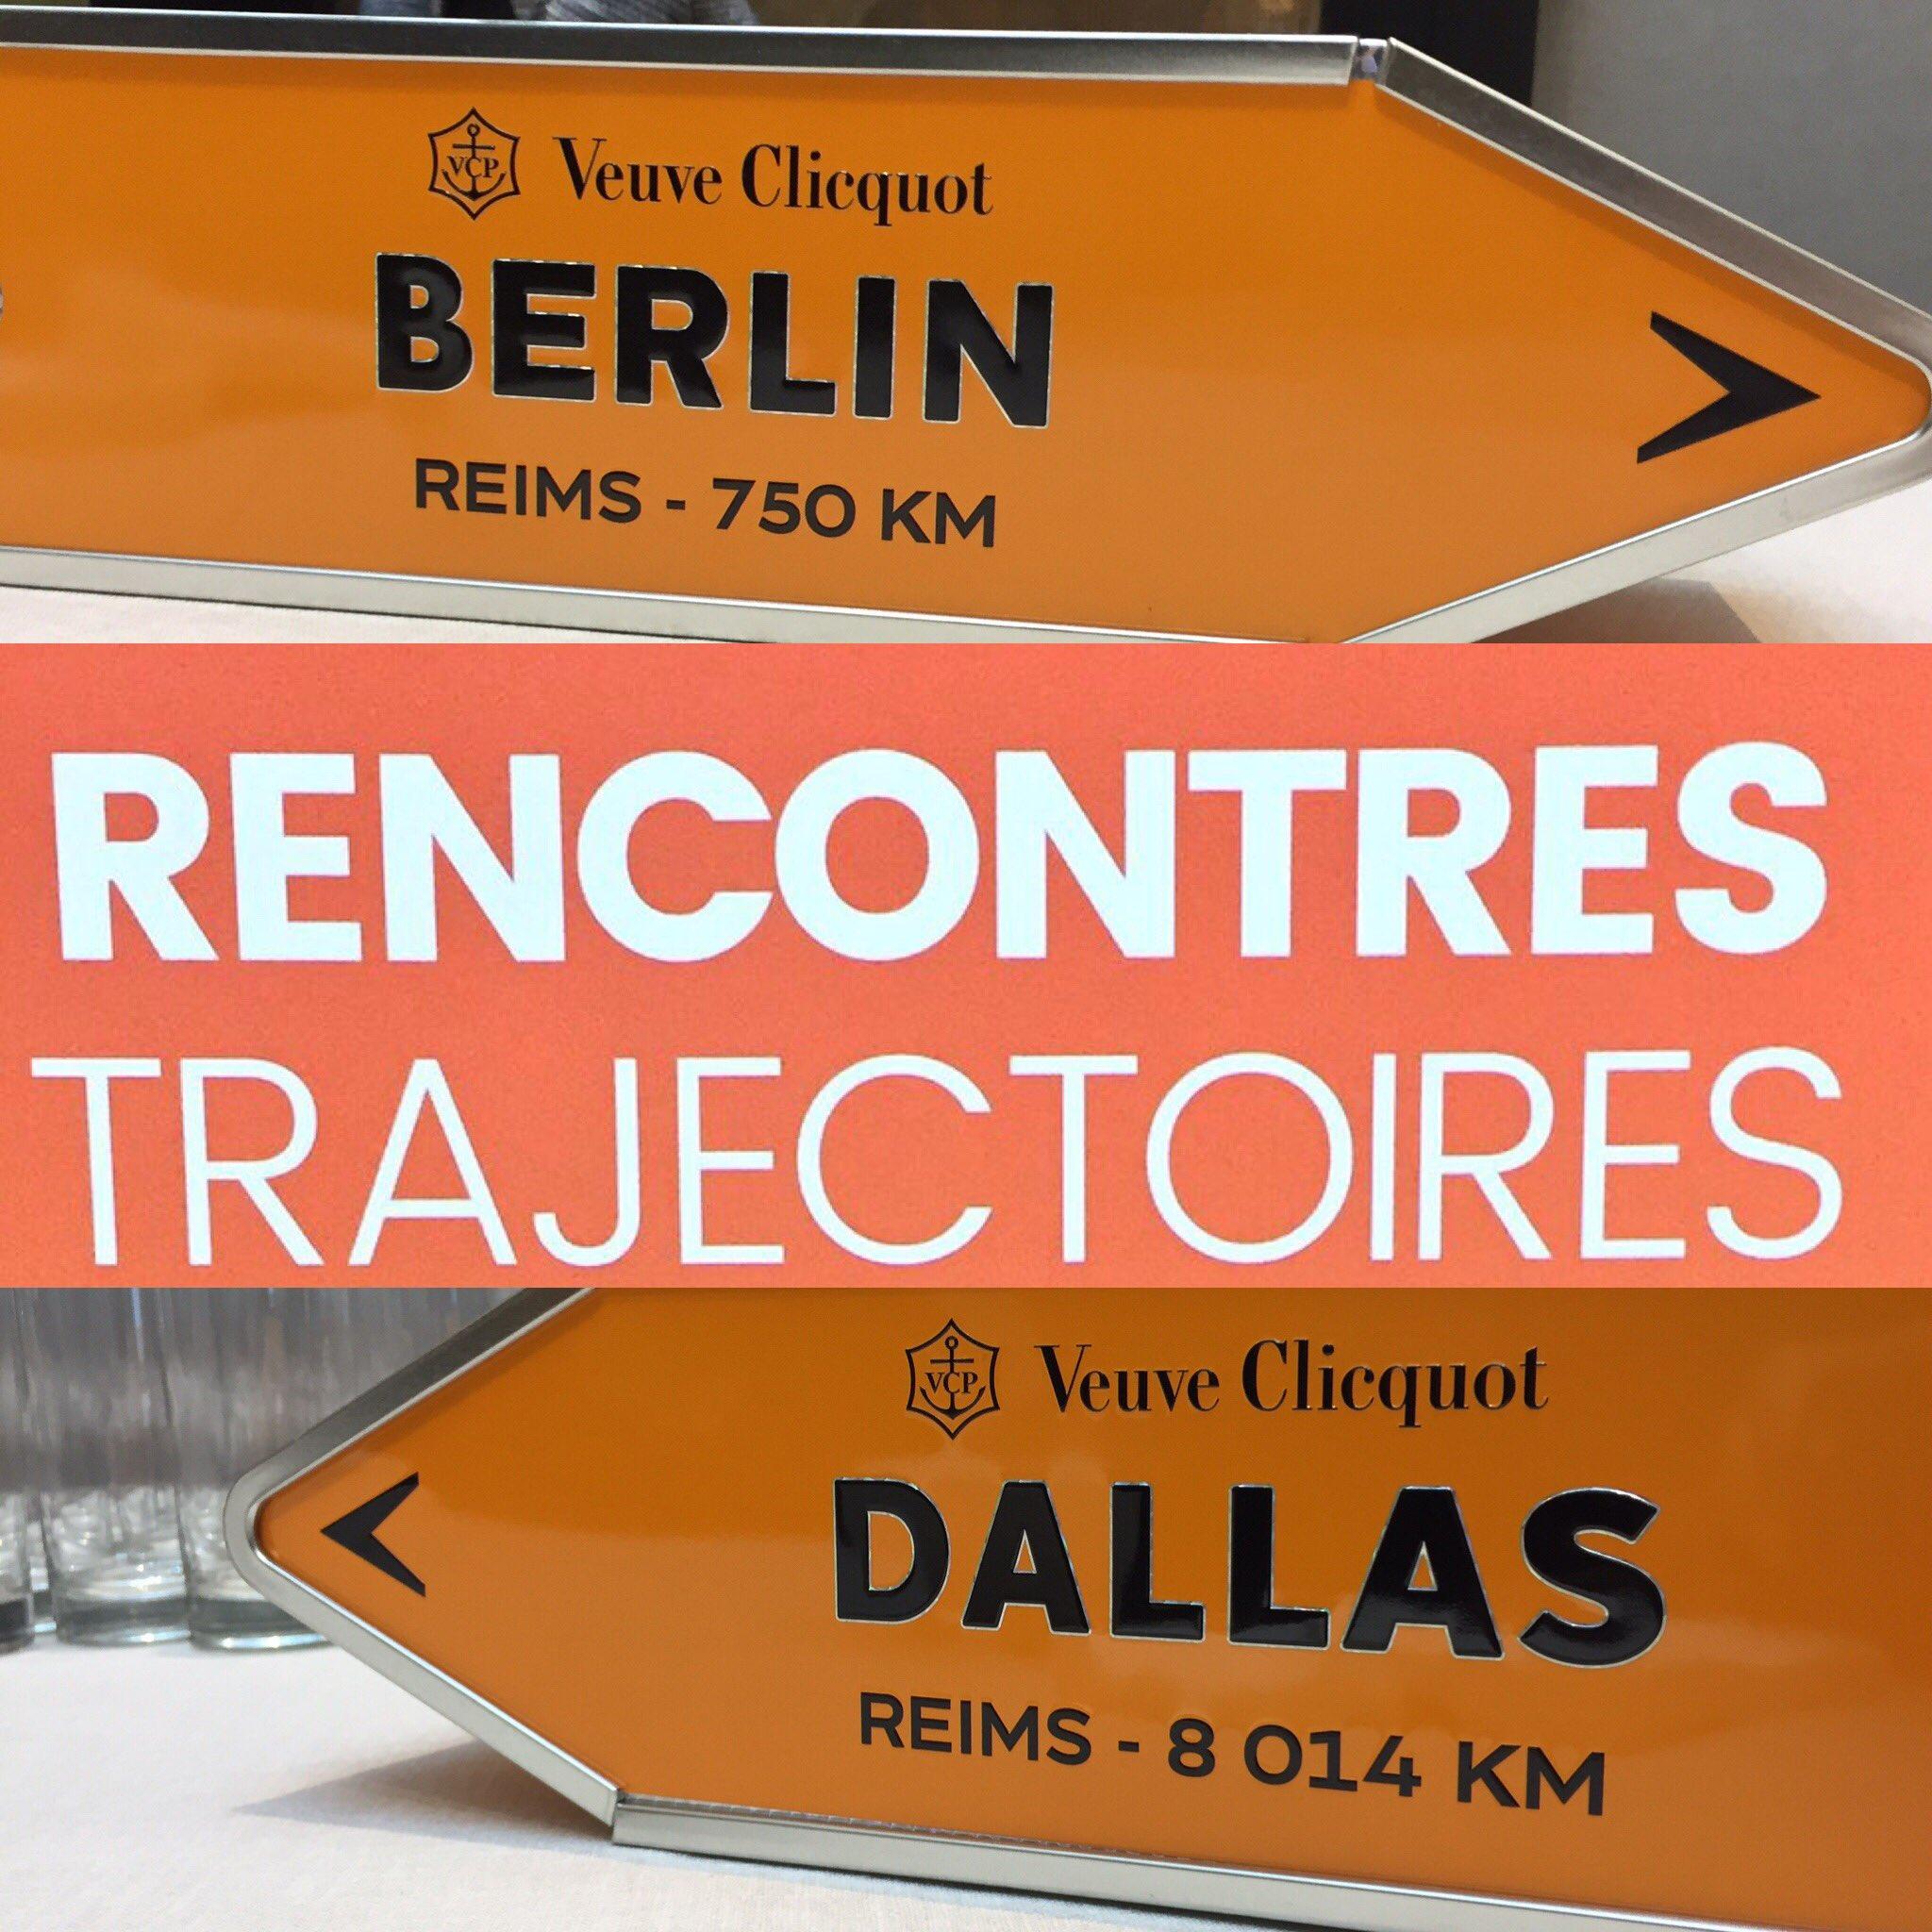 Dallas ?Berlin ? ou Singapour ? Ce soir les rencontres trajectoires ont lieu à Paris ! 😉 chez @ODDO_BHF #ArtOfSwitch avec @VeuveClicquot https://t.co/zK2PcrEjlI